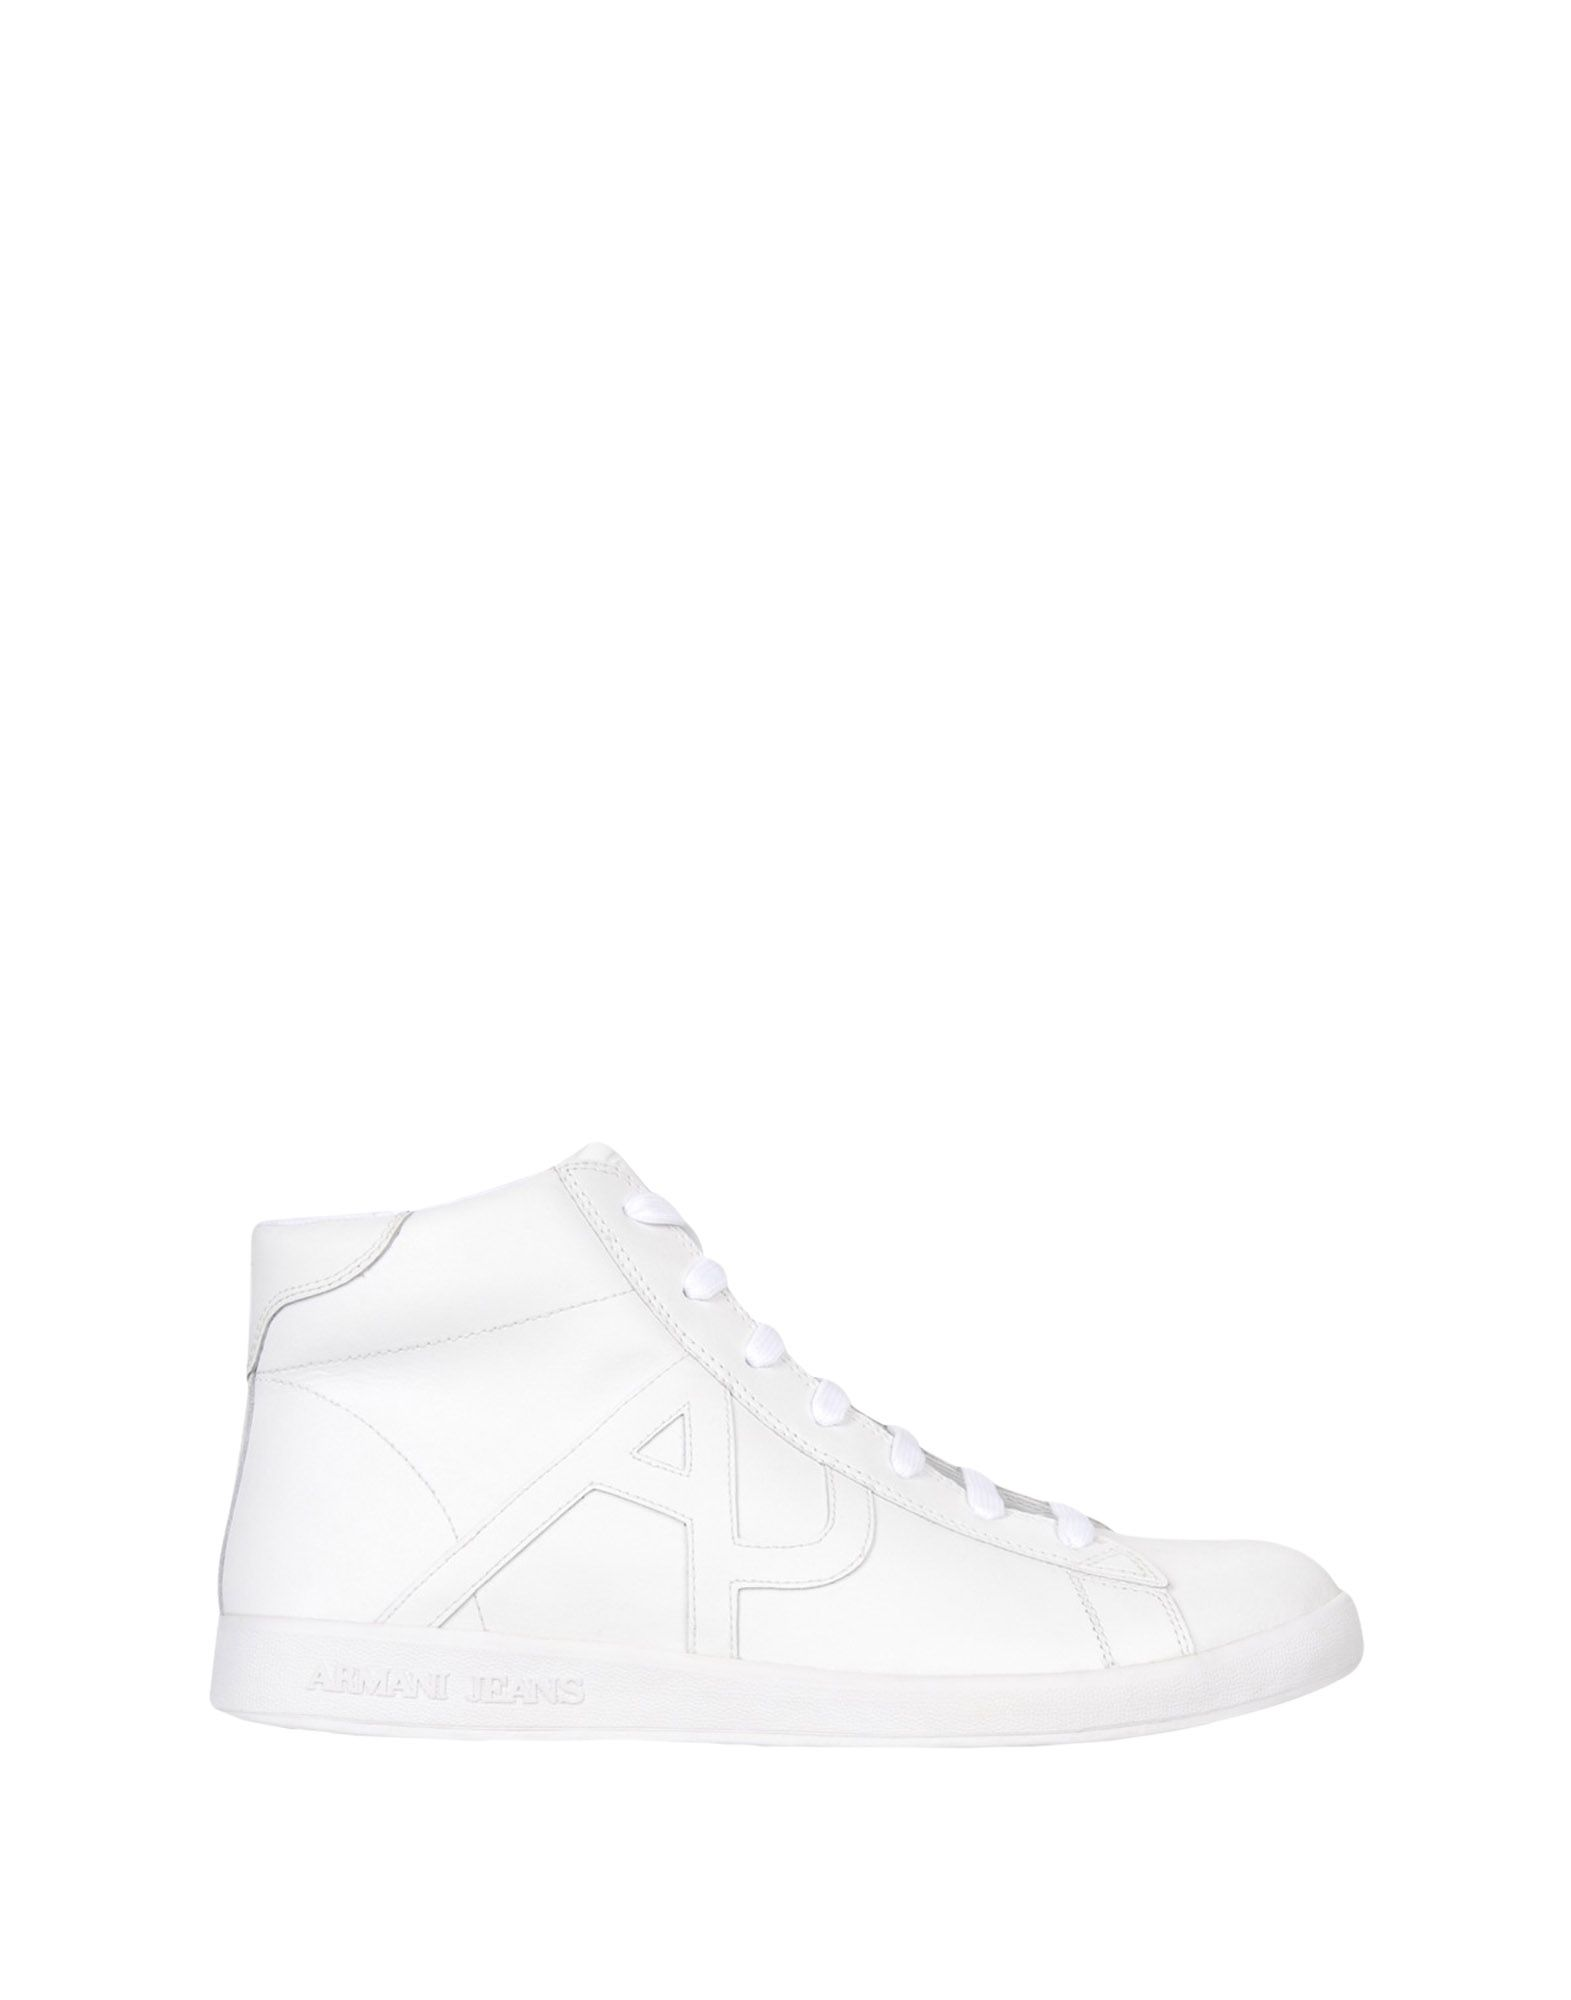 Armani Neue Jeans Sneakers Herren  11443740BM Neue Armani Schuhe 8ff228